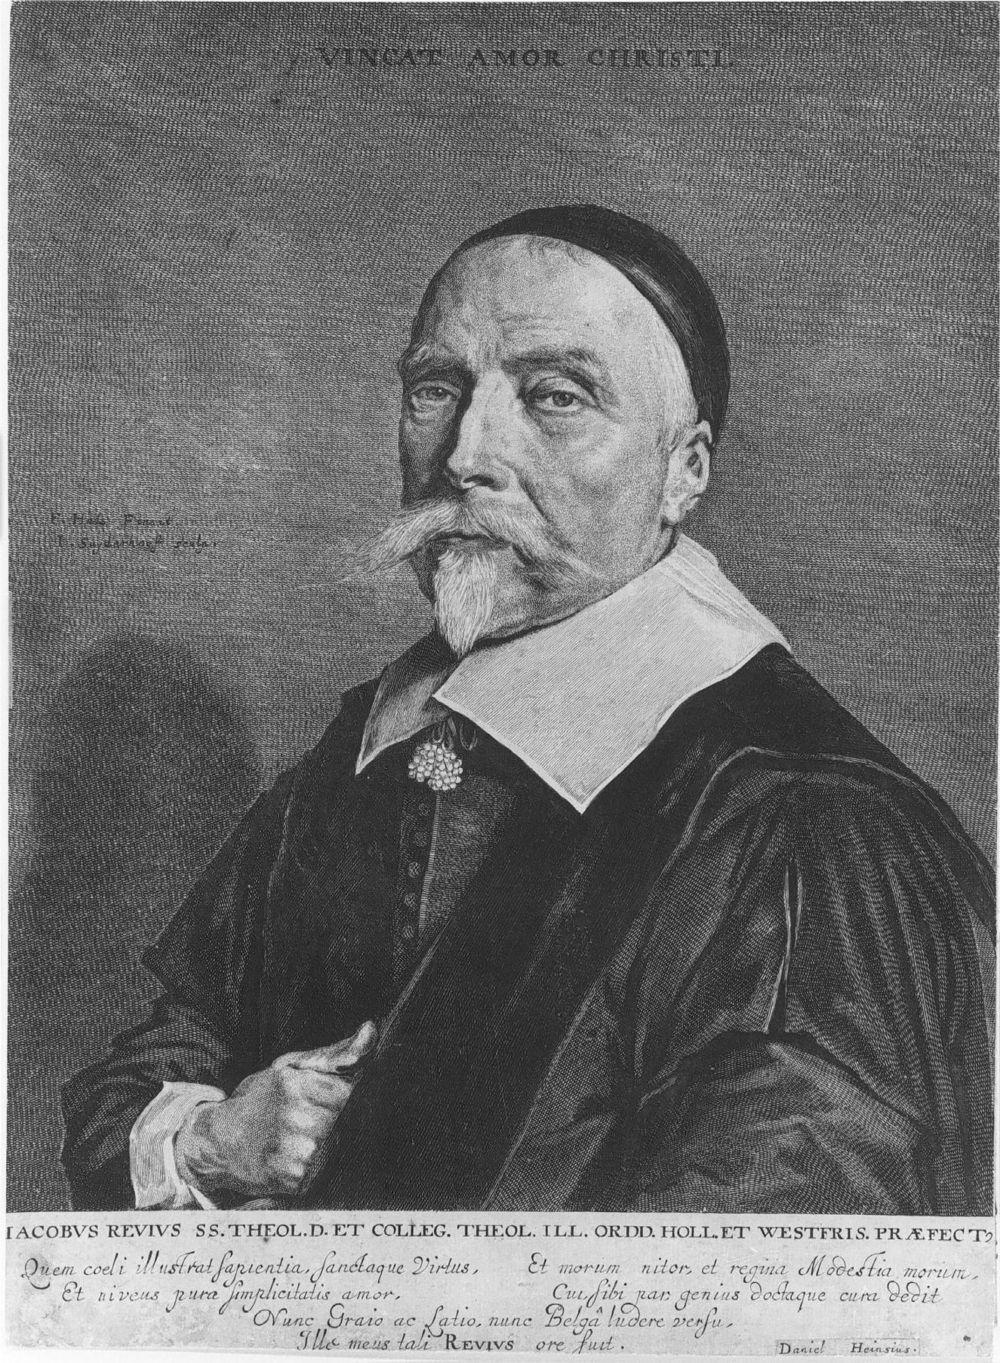 Jacobus Revius